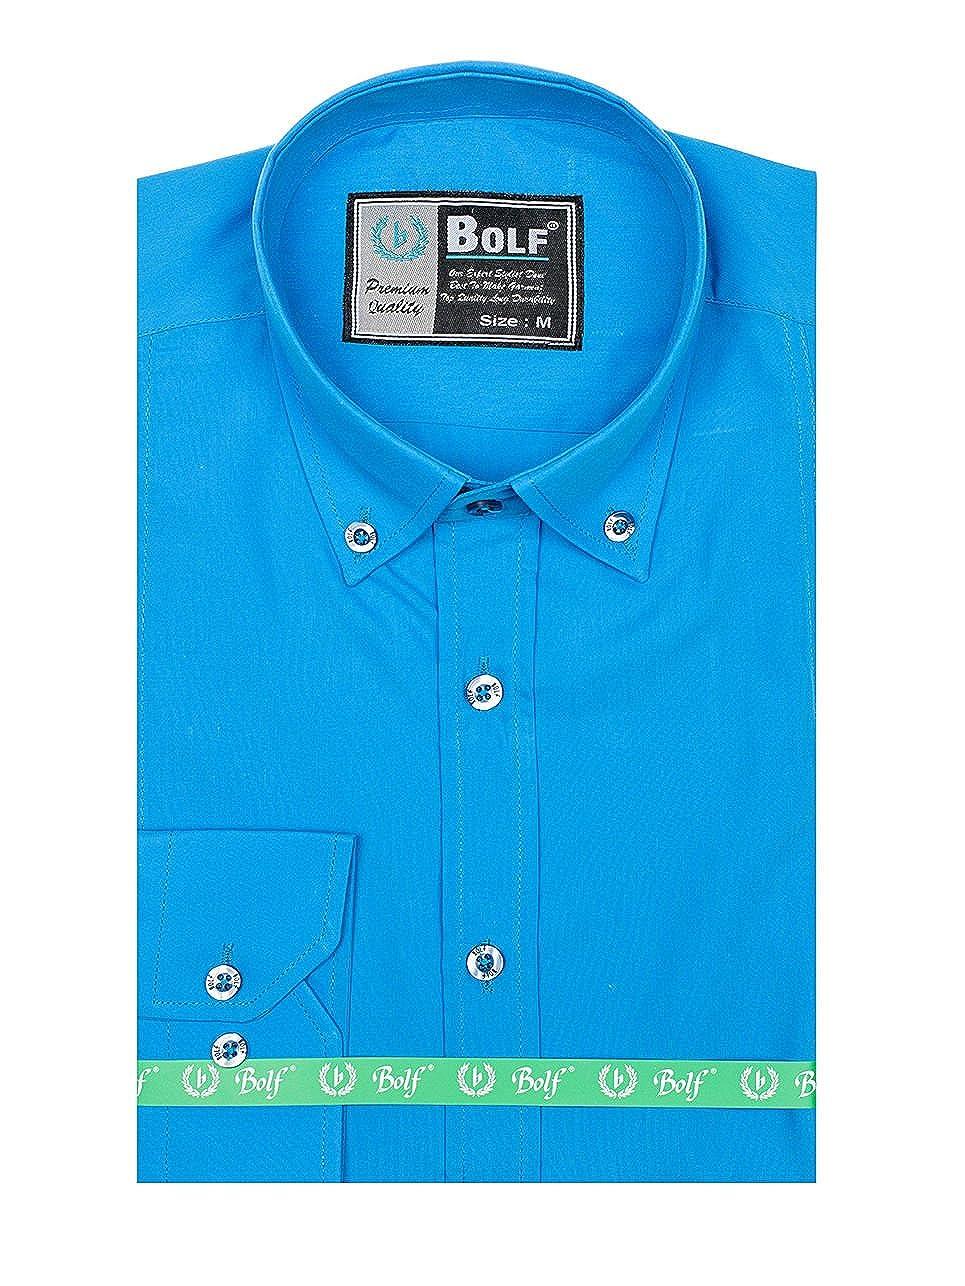 BOLF - Camisa casual - Manga Larga - para hombre azul X-Large ...